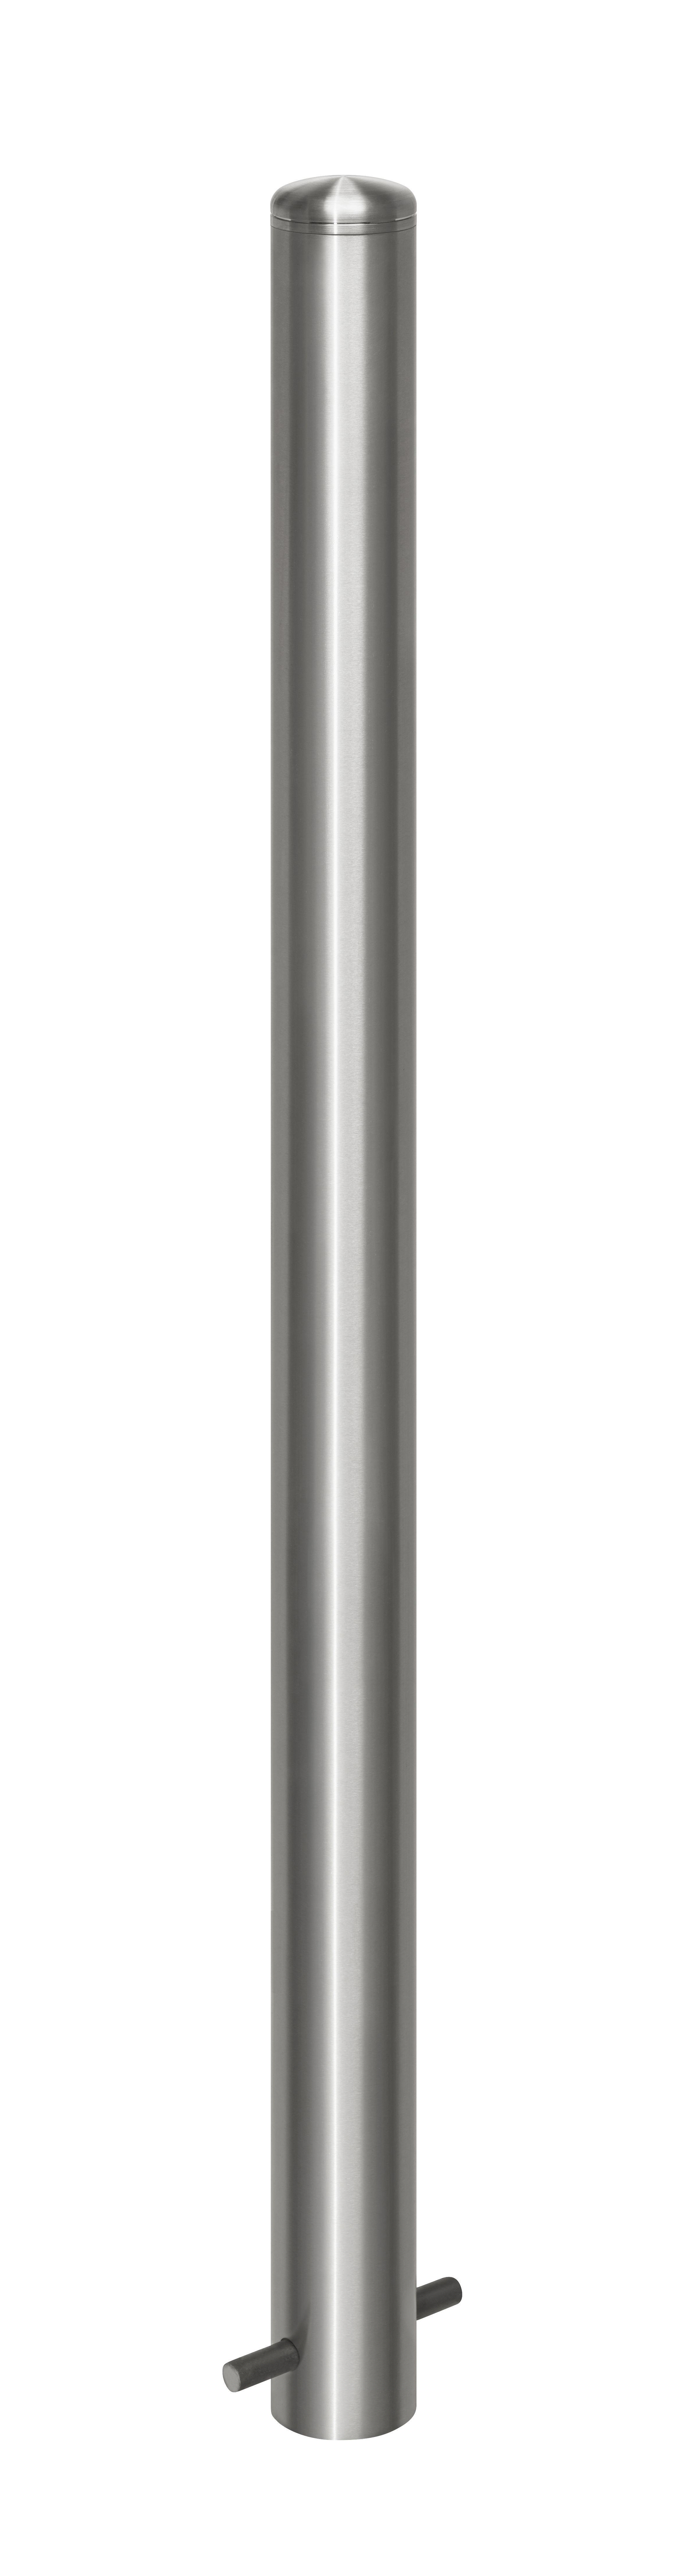 Absperrpfosten aus Edelstahl Ø 76 mm